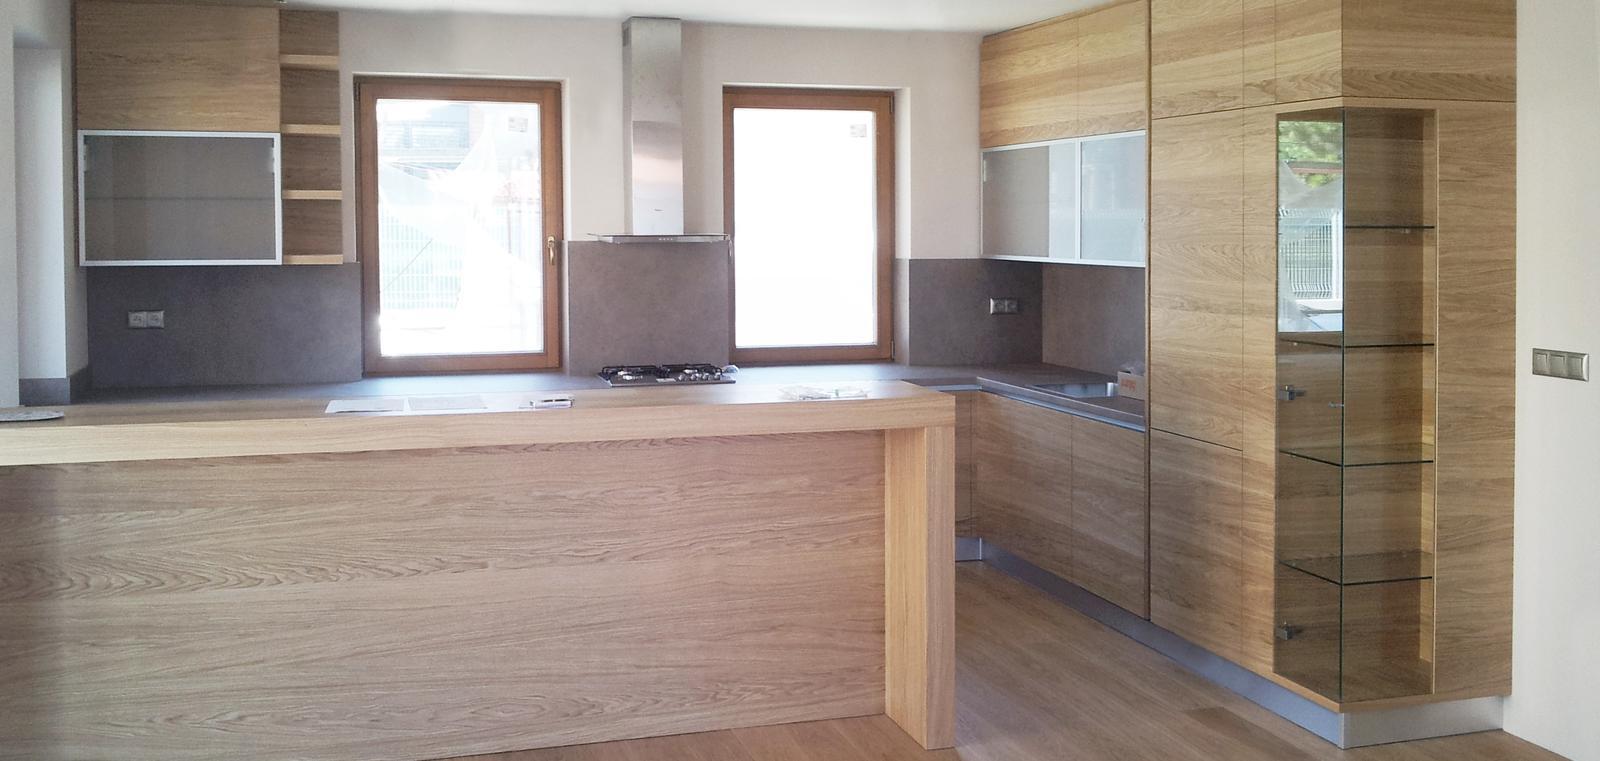 Dizajn a výroba nábytku na mieru Cubica - Kuchynská linka s pultom a vitrínou - prevedenie dub prírodný - dizajn a výroba cubica